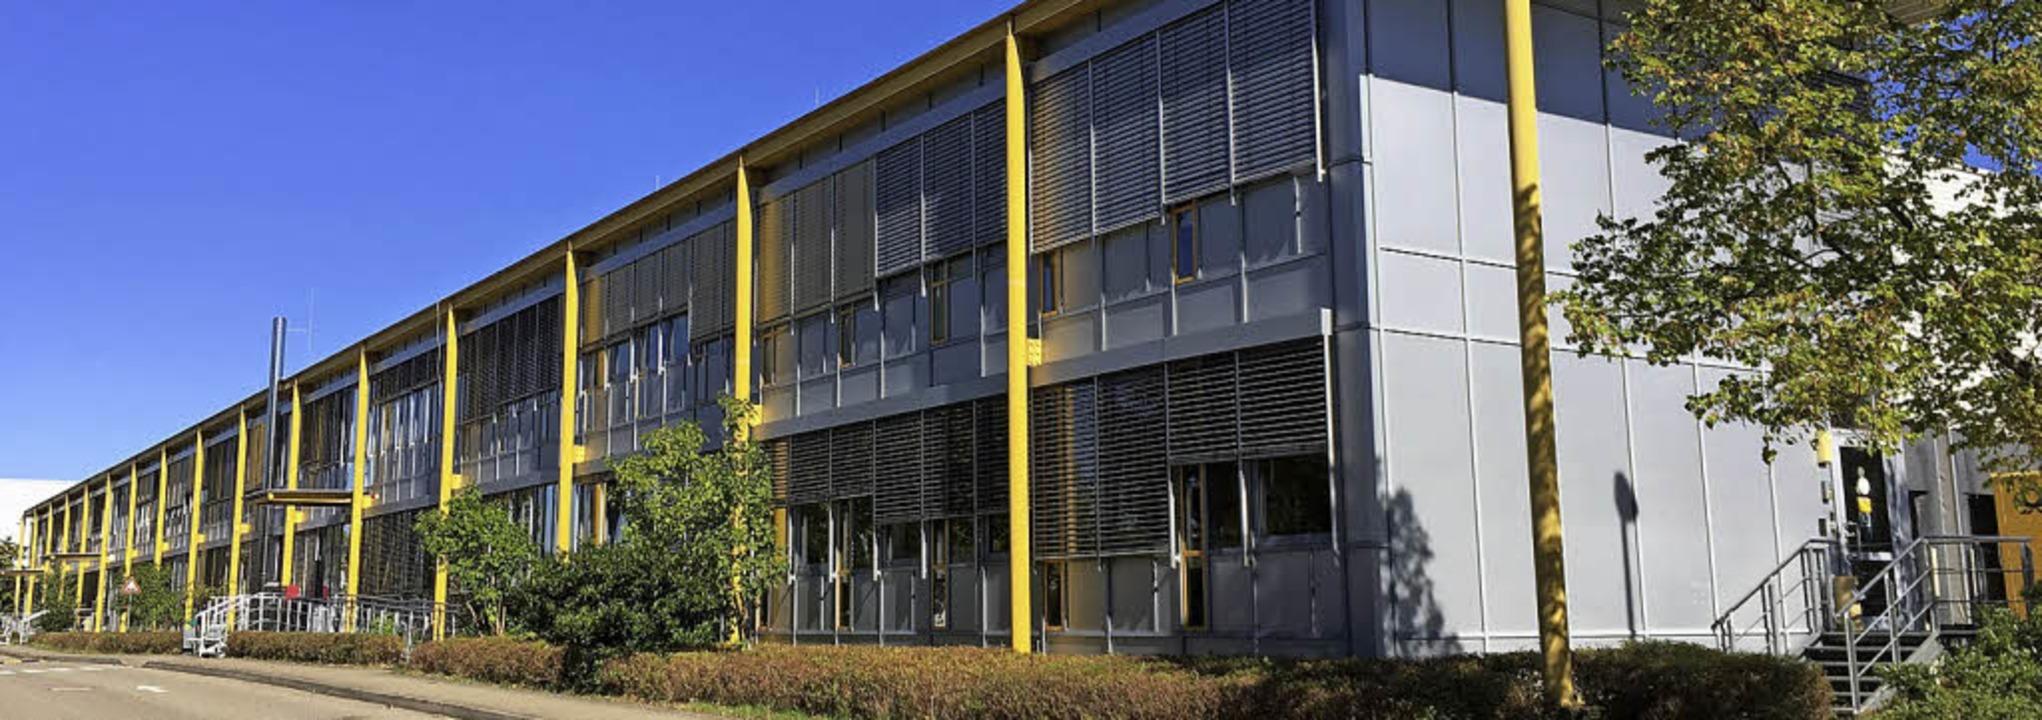 In der Betriebshalle, die fast so groß...und in Deutschland zugestellt werden.     Foto: Deutsche Post DHL